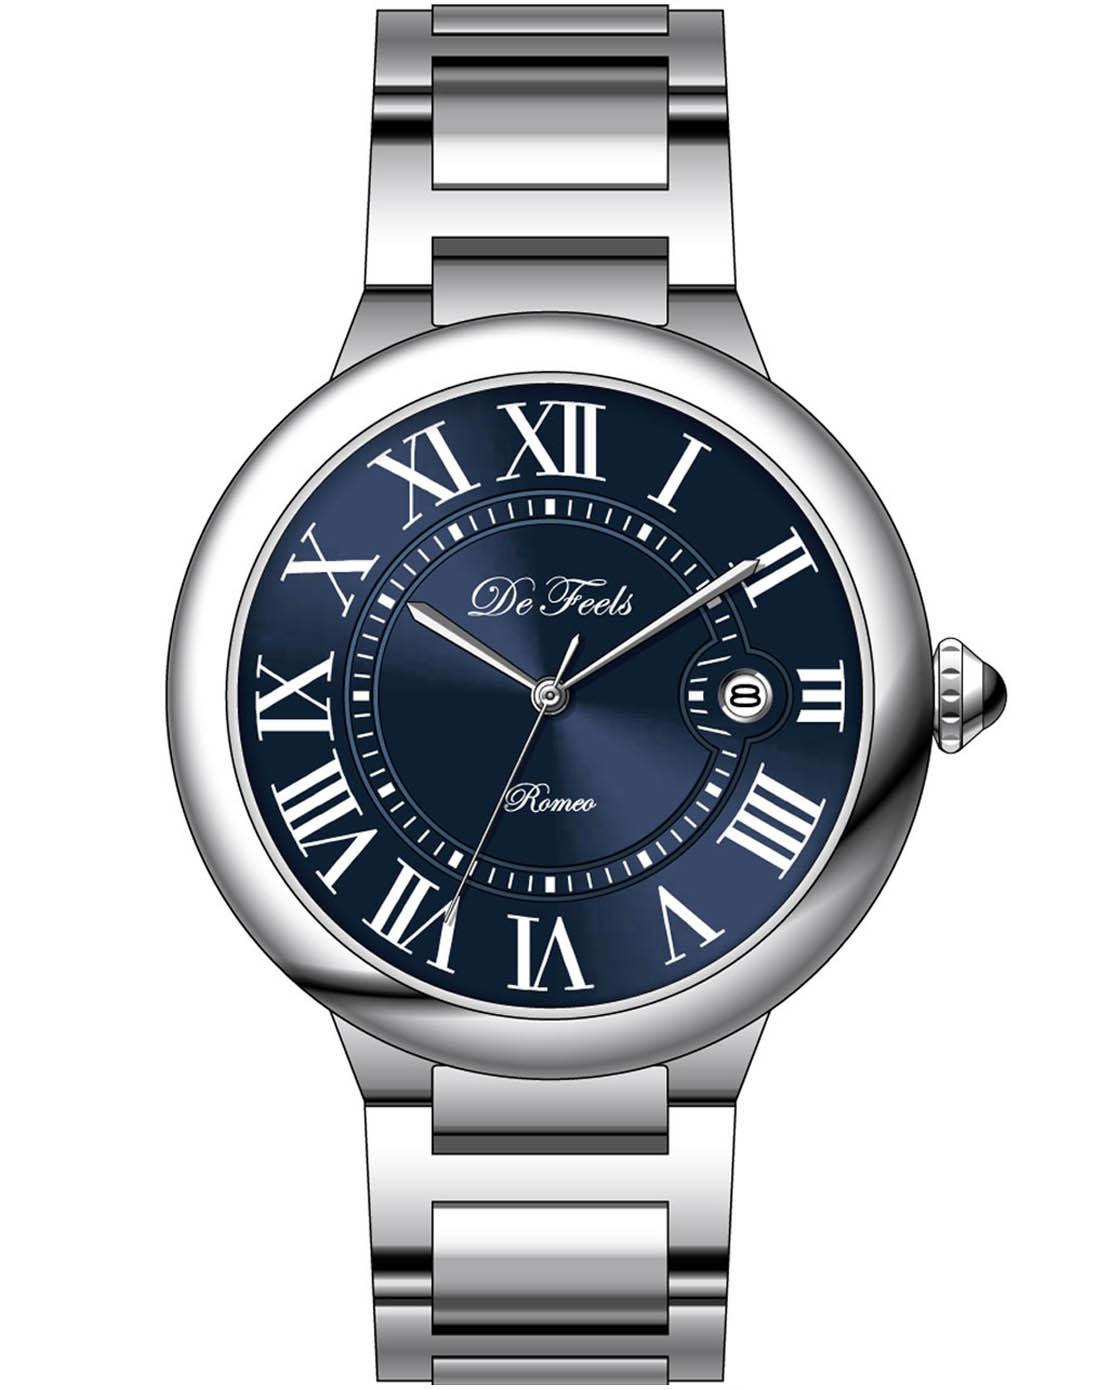 国产手表品牌标志大全